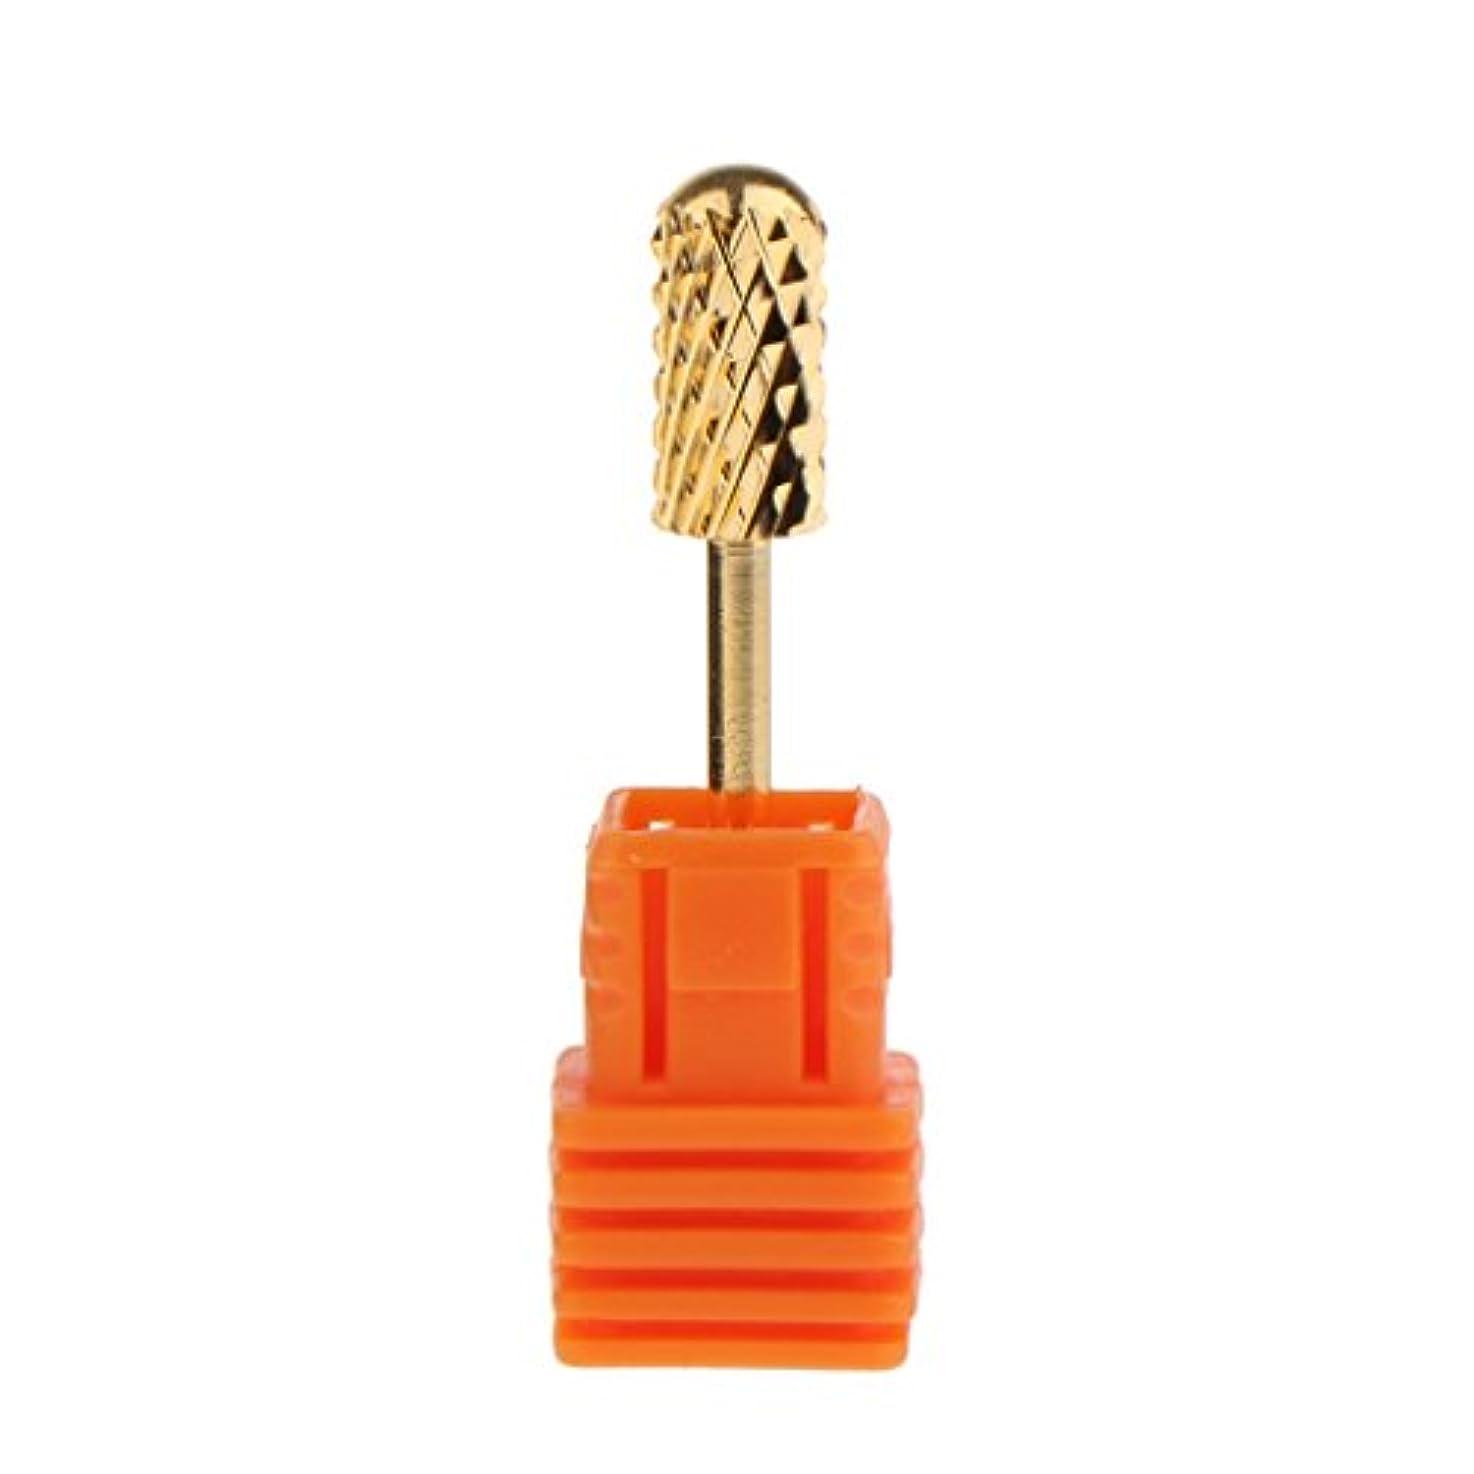 ホステル下品是正Toygogo 4つの様式の電気シリンダー炭化物ファイルドリルビットの釘の芸術のマニキュアのペディキュア用具